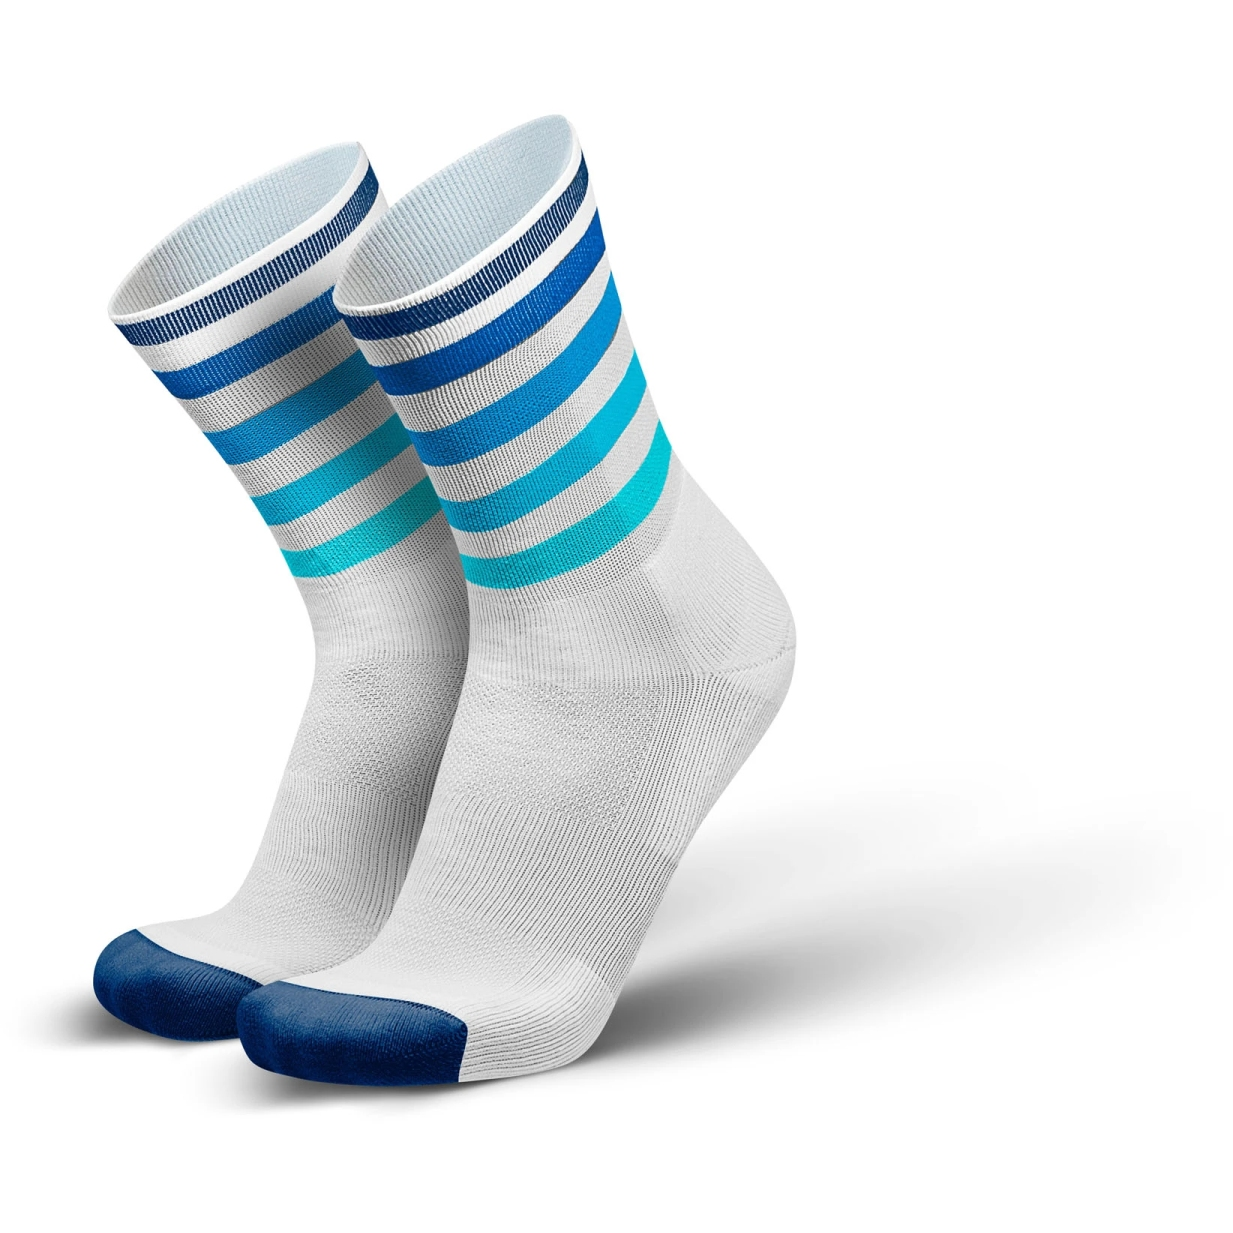 Produktbild von INCYLENCE Running Levels Socken - White